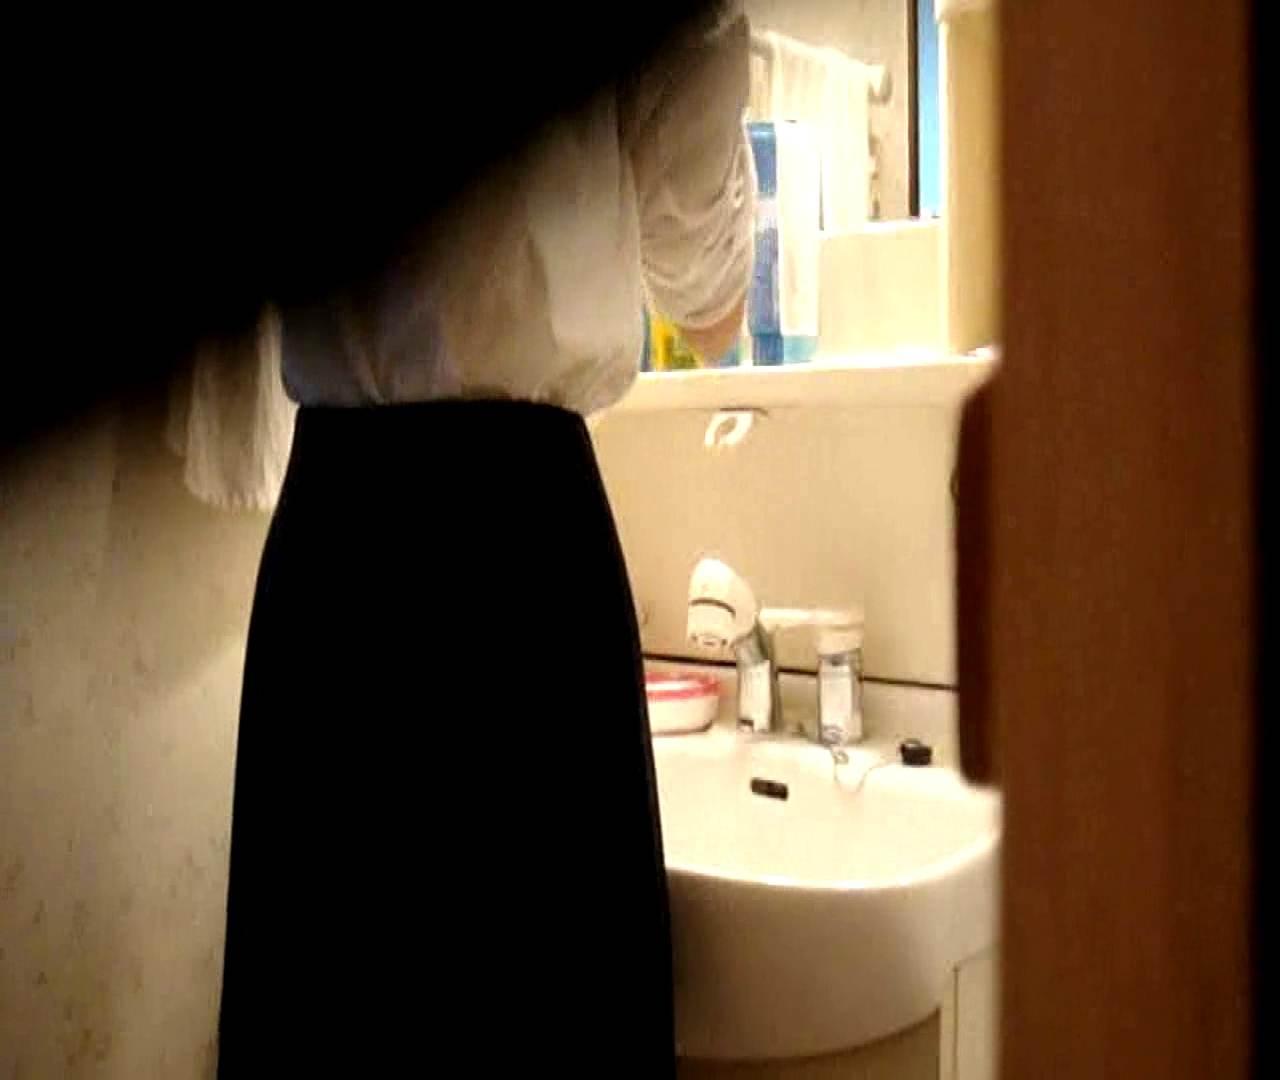 二人とも育てた甲斐がありました… vol.05 まどかが洗顔後にブラを洗濯 盗撮シリーズ | おまんこ見放題  79PIX 39